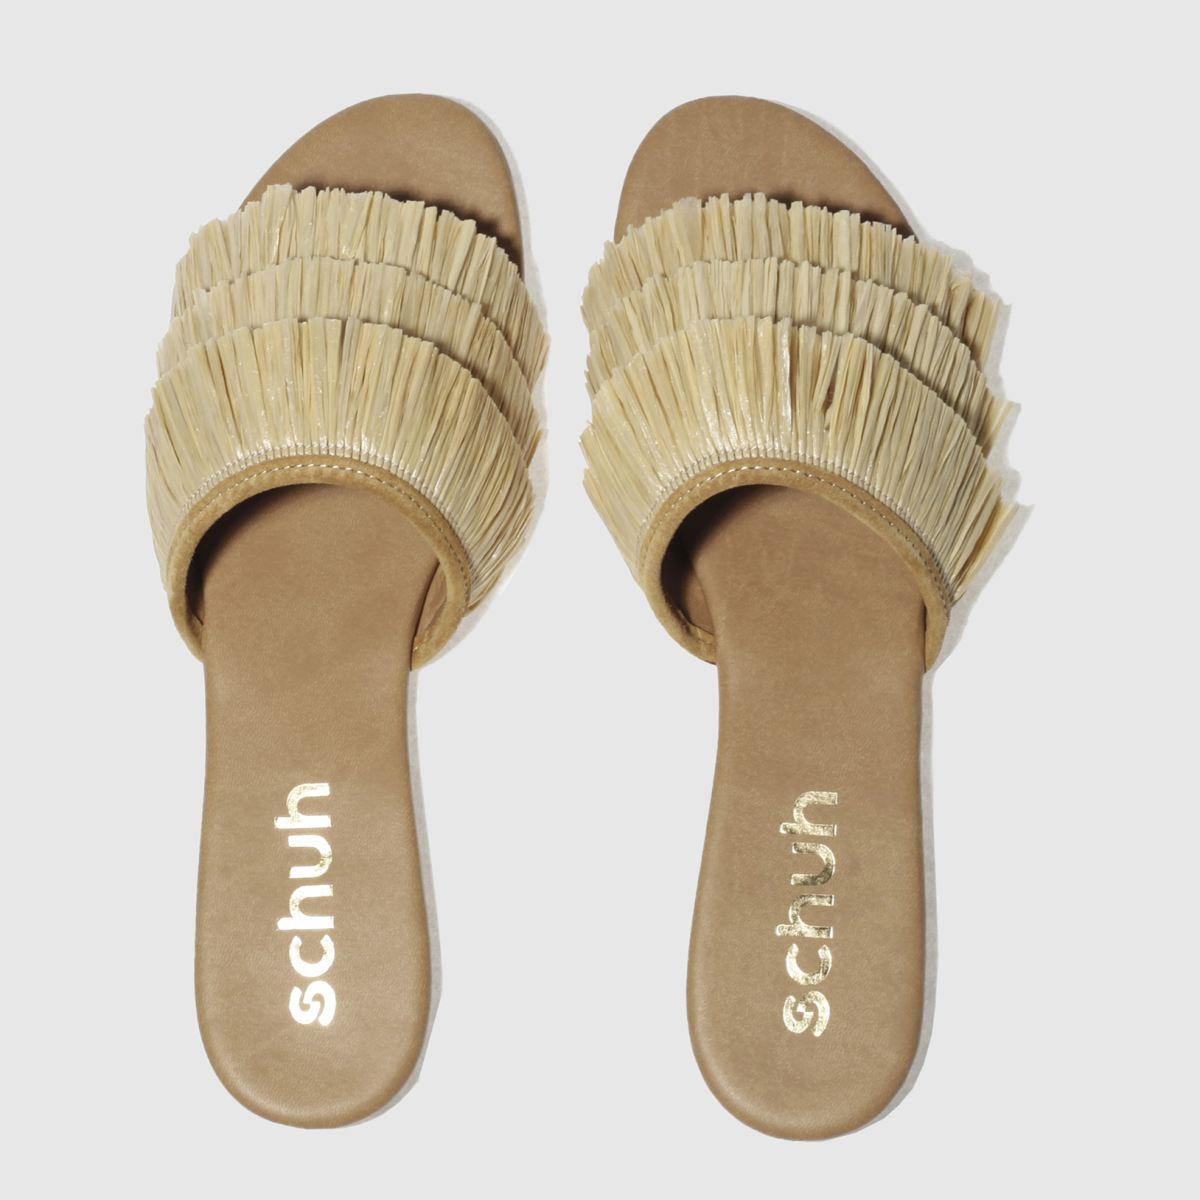 schuh Schuh Beige Calypso Sandals